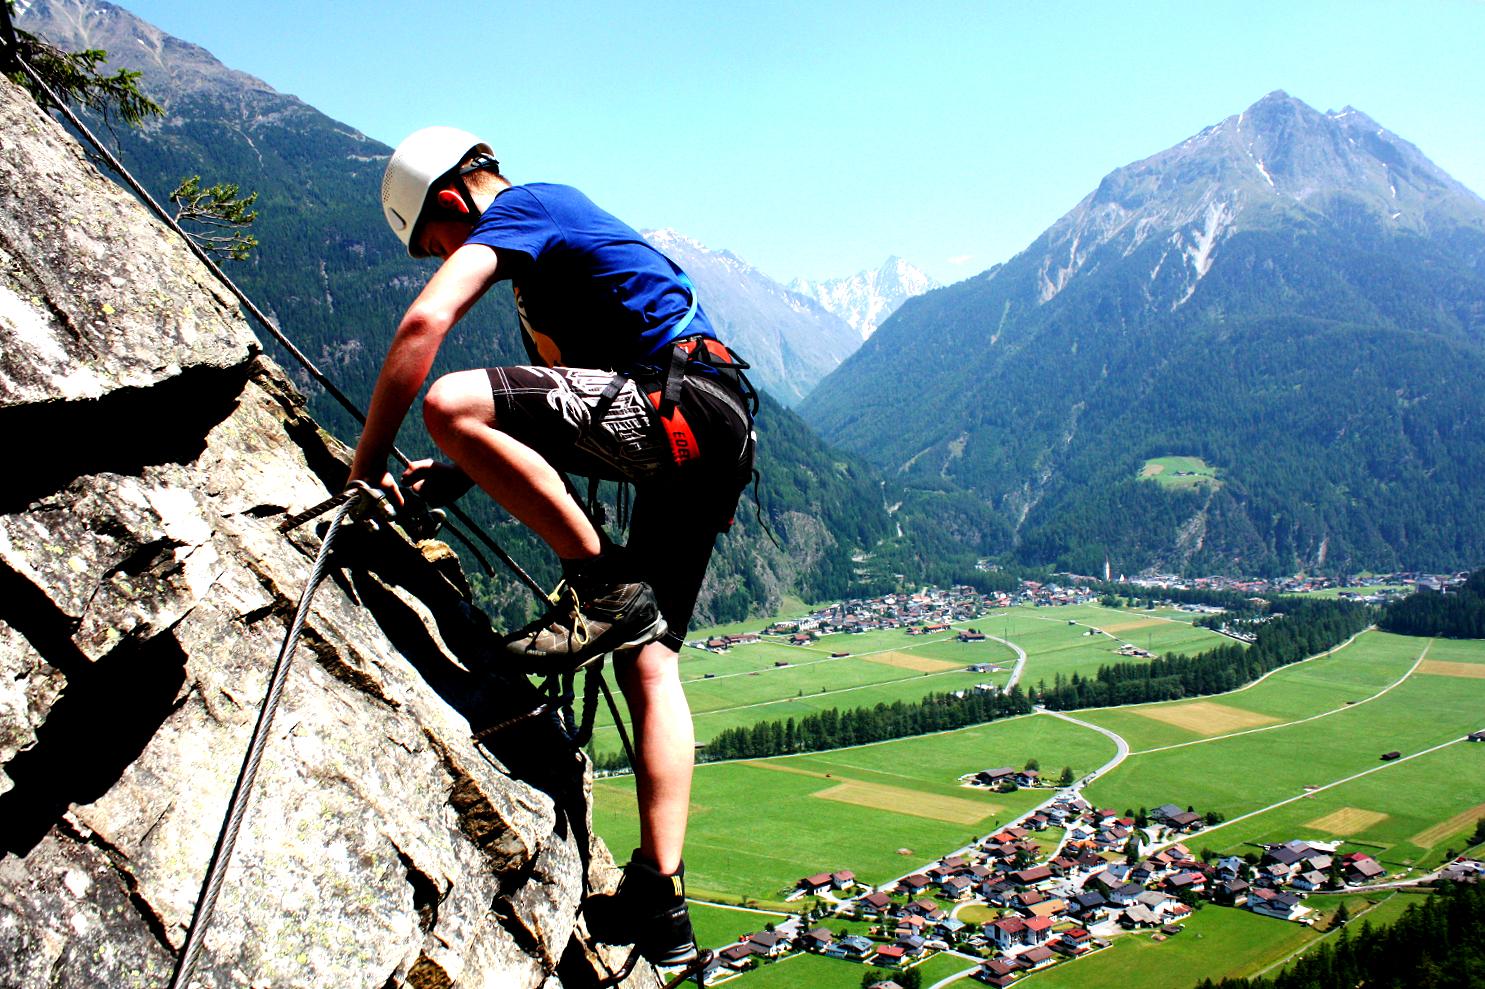 Sommer_Lehner Wasserfall Klettersteig_Luca 1.JPG